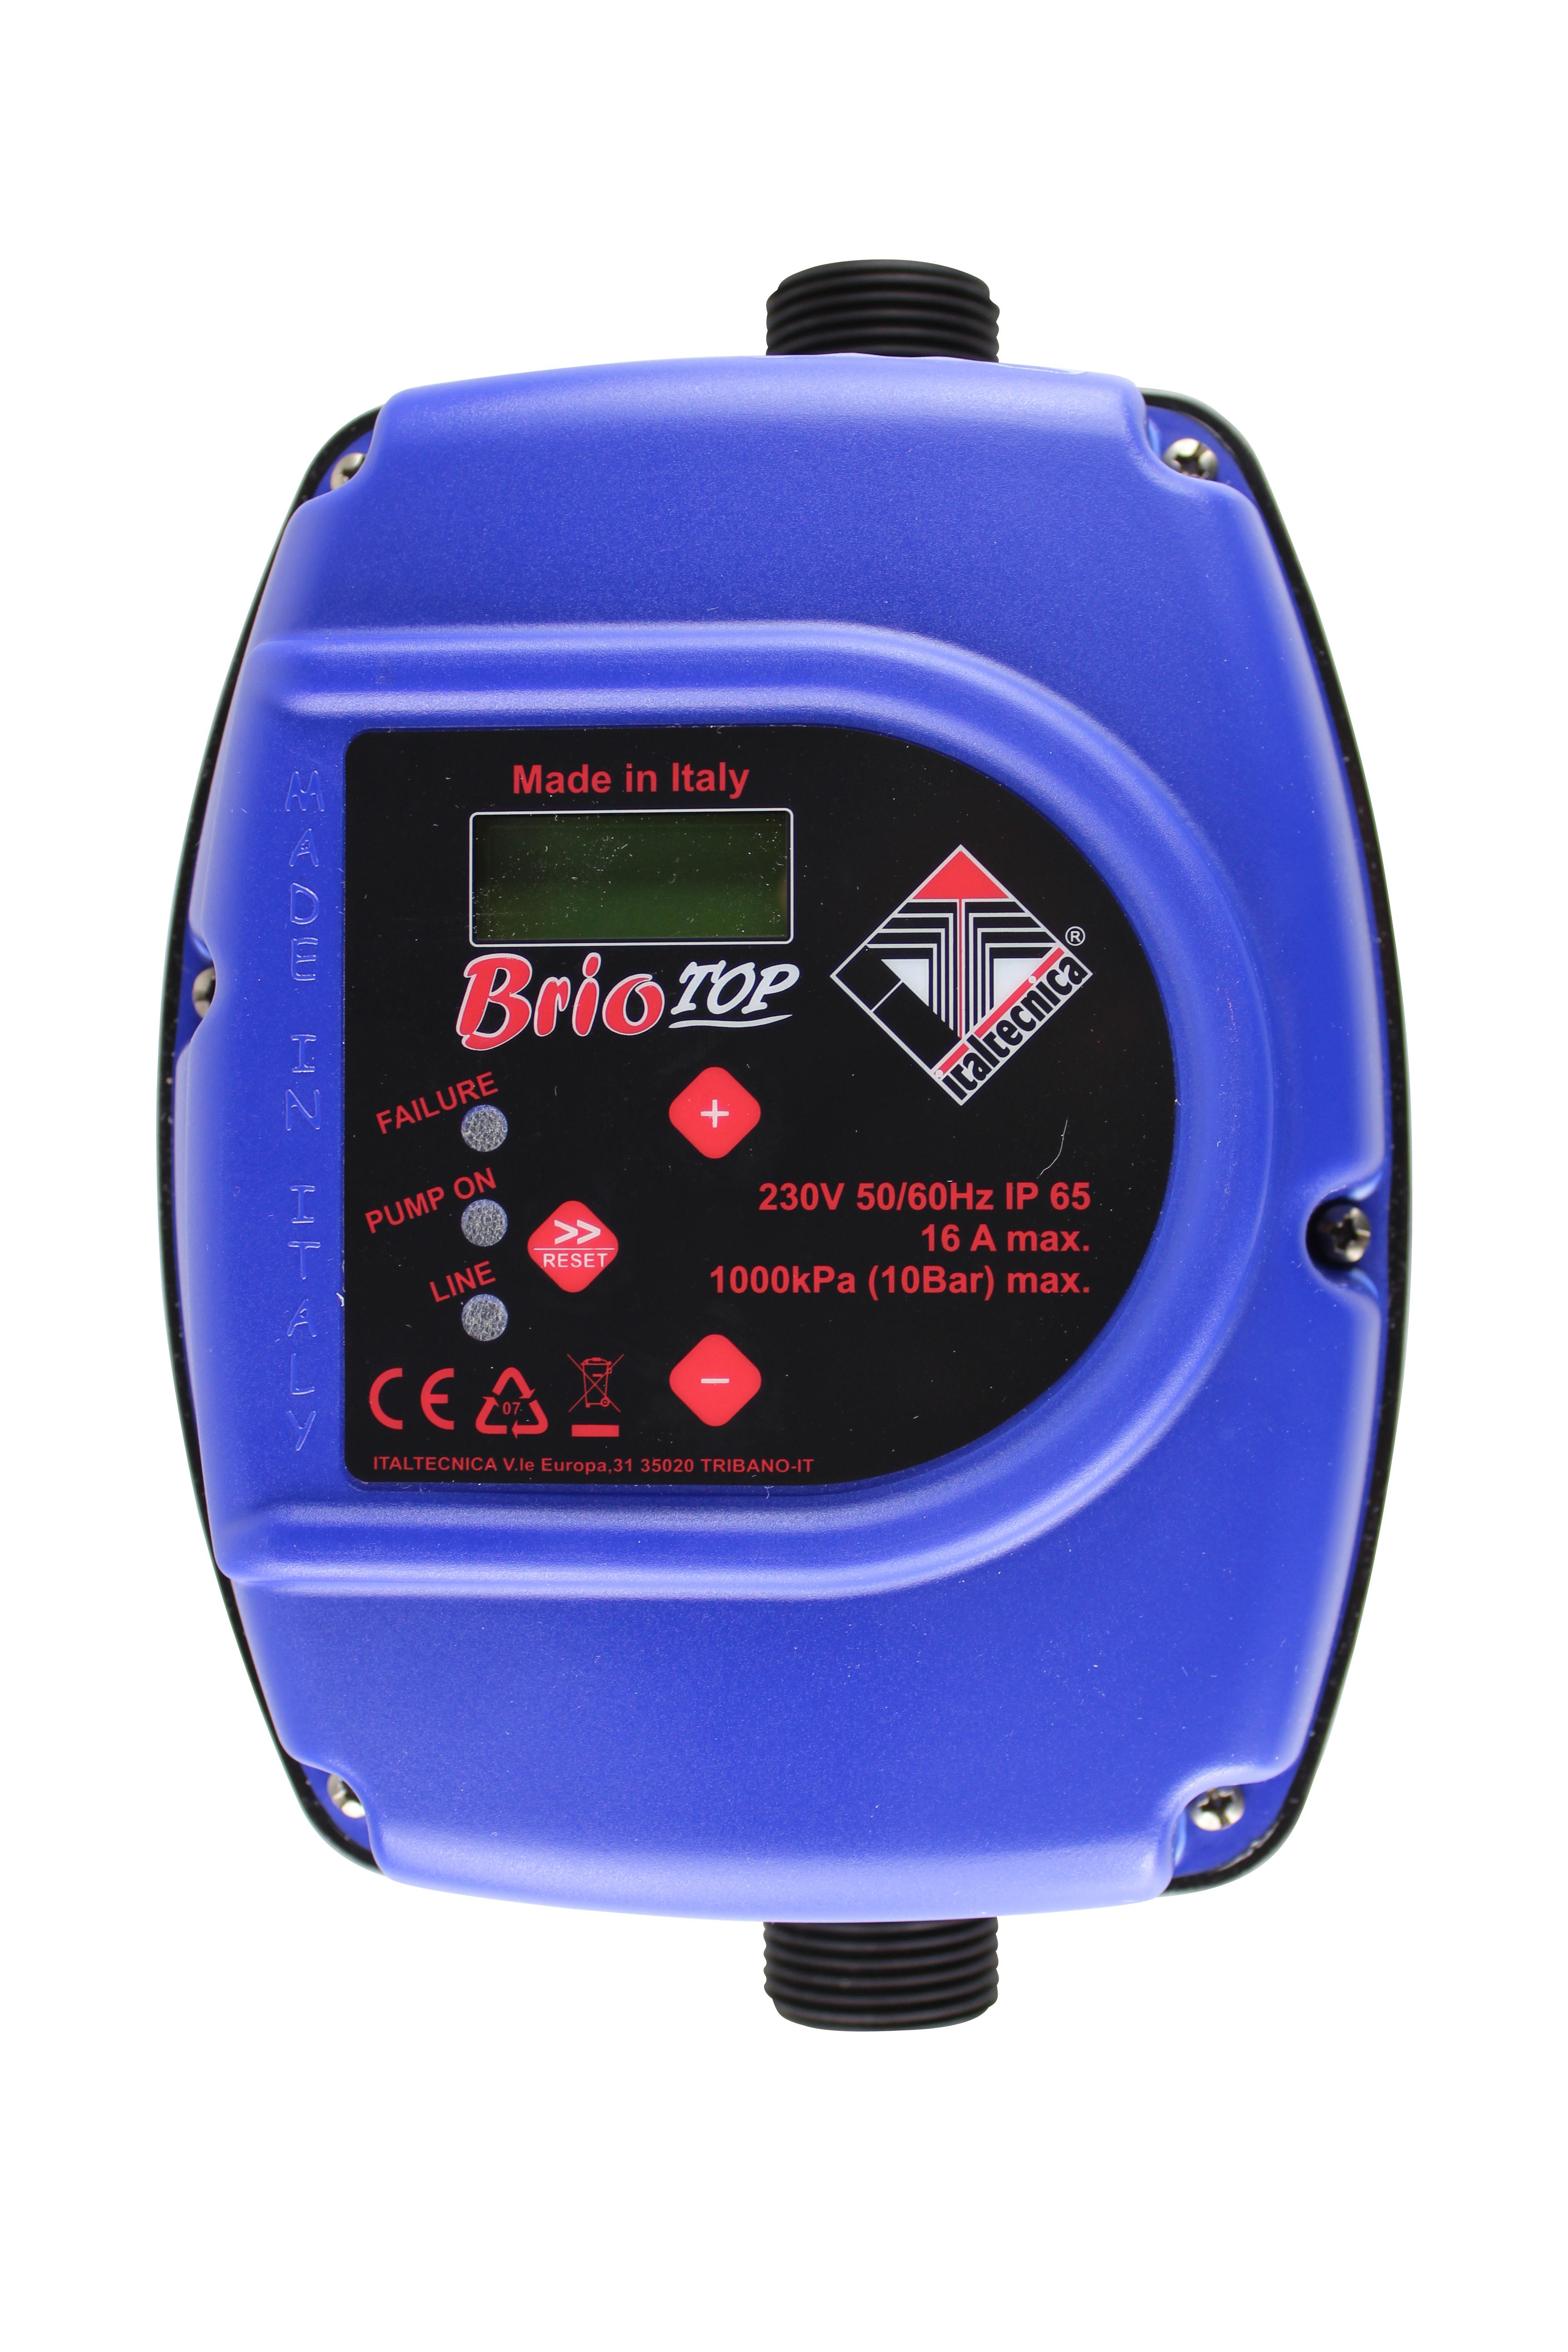 DUG GmbH - Pumpensteuerung Brio Top elektronischer Druckschalter